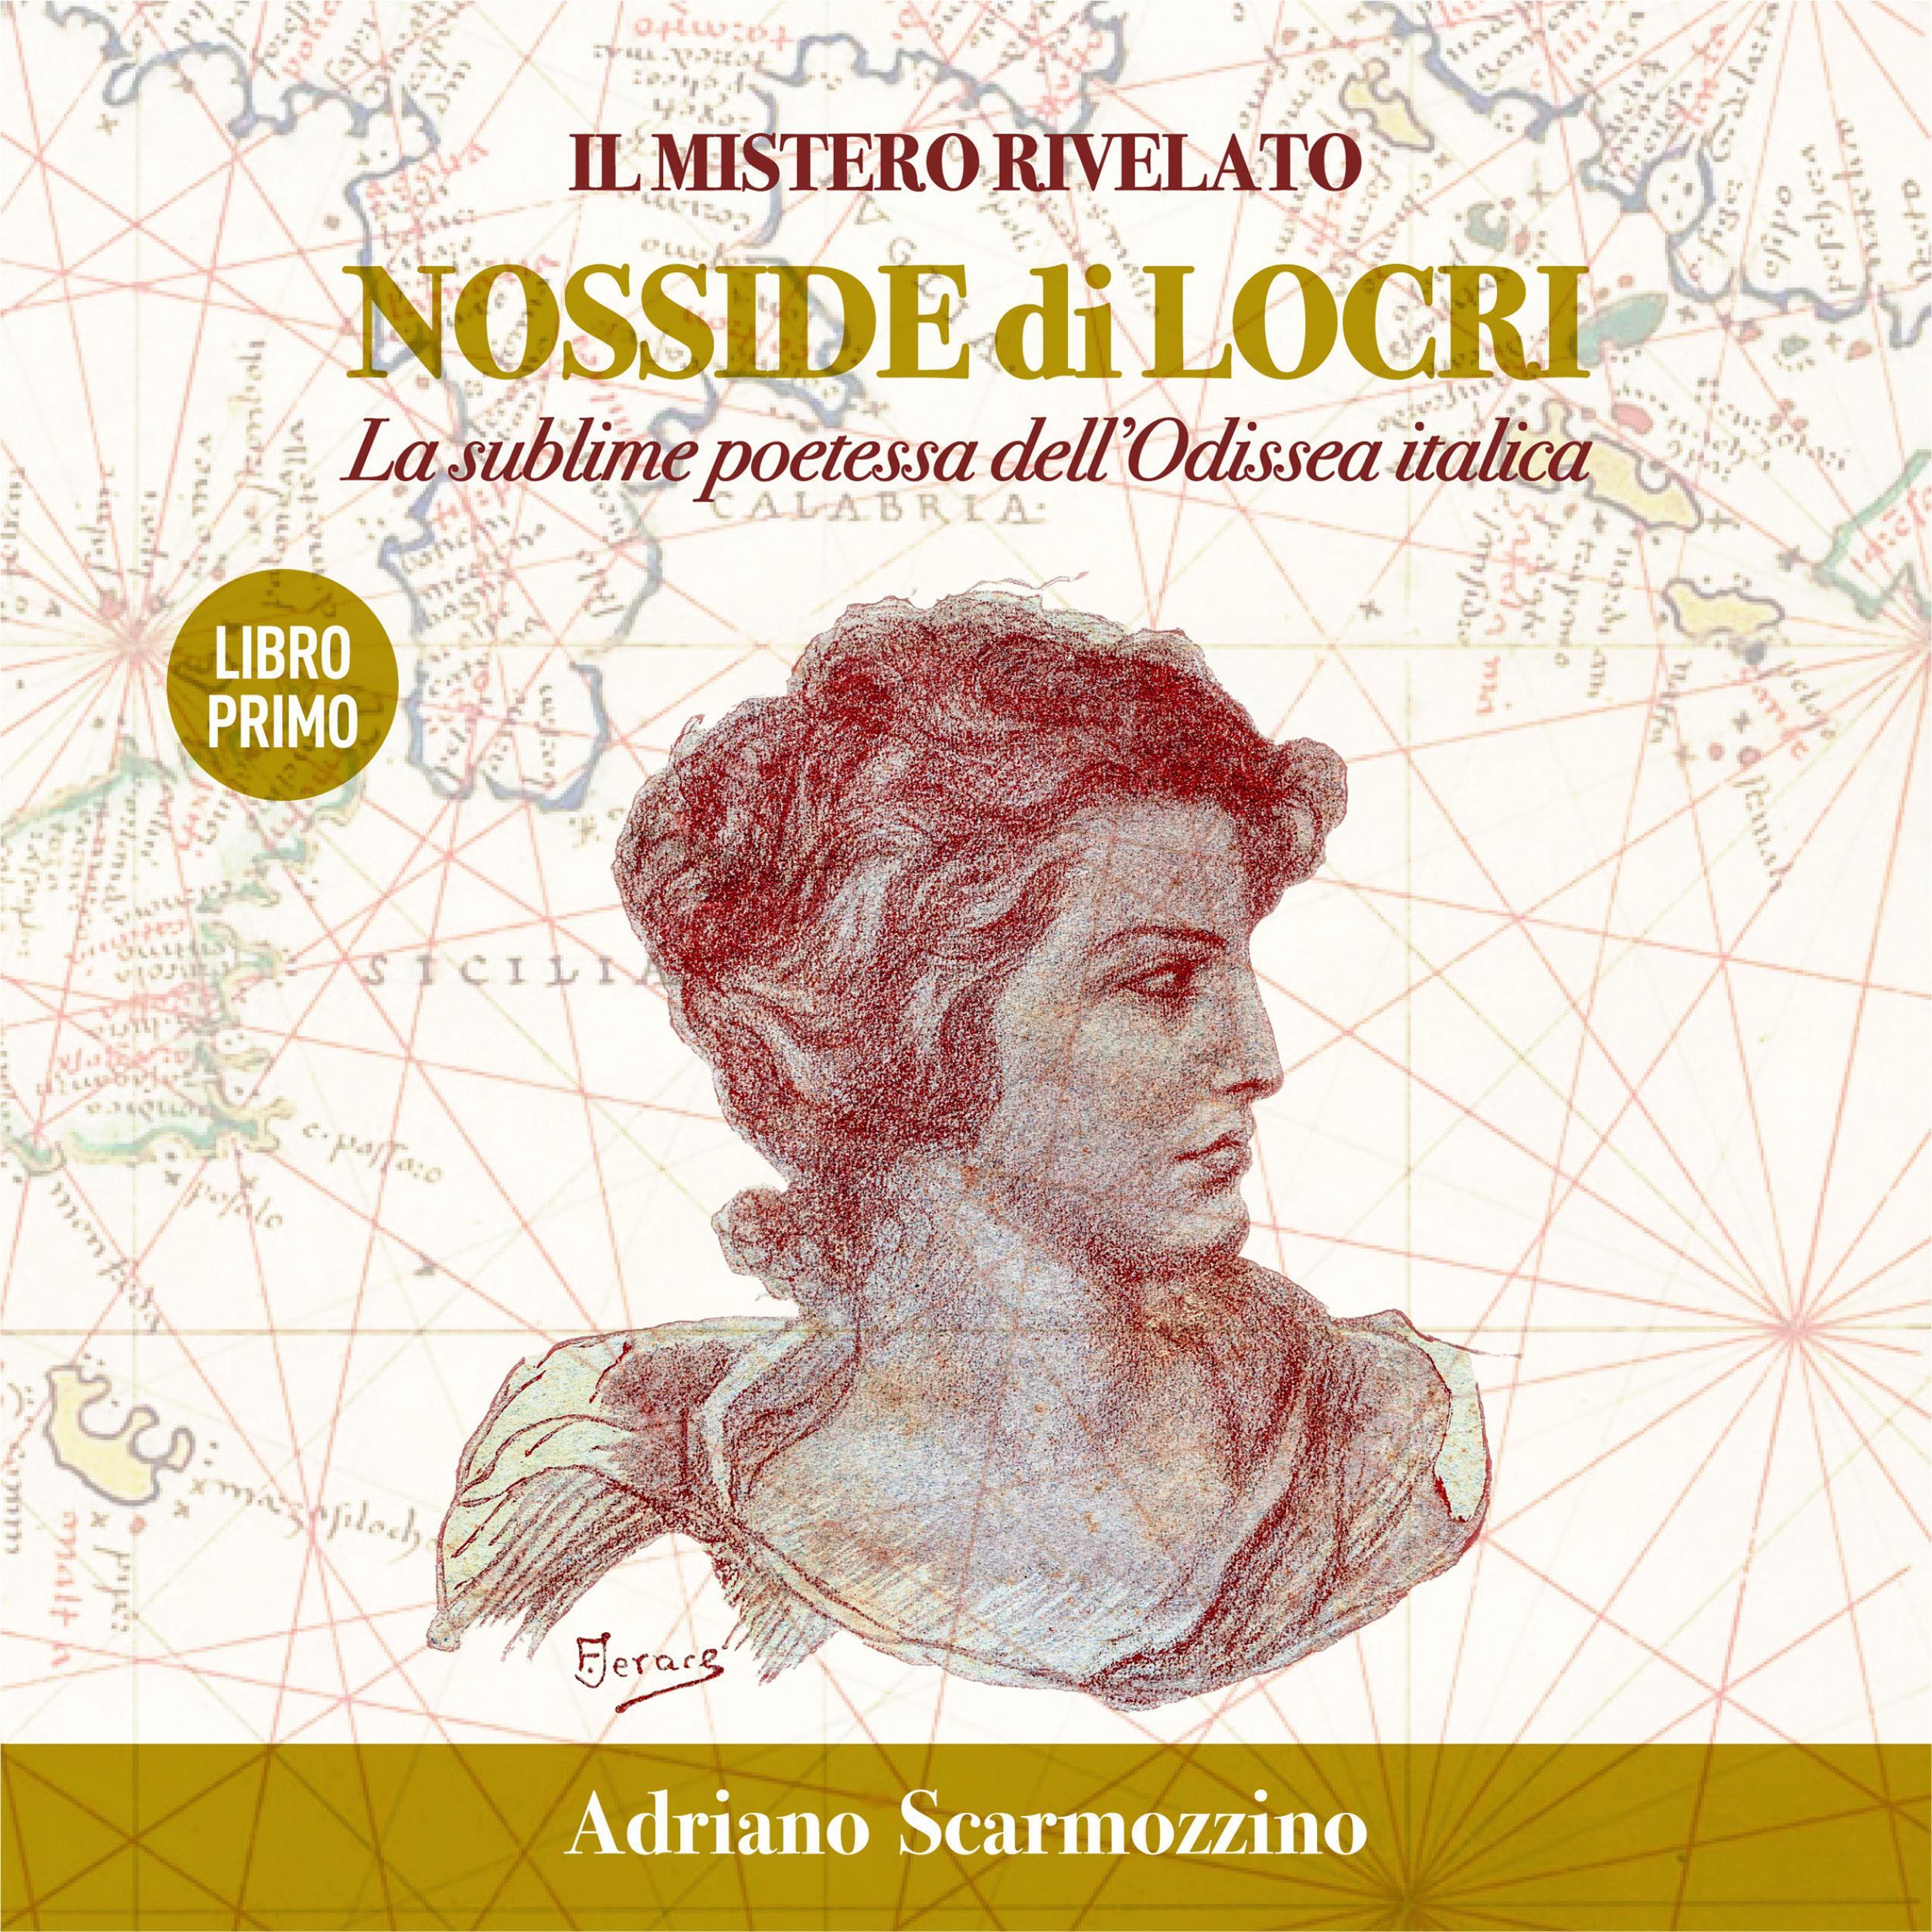 Il mistero rivelato - Nosside di Locri, la sublime poetessa dell'Odissea Italica - Libro primo - Locri Epizefiri, l'antica città della poetessa Nosside